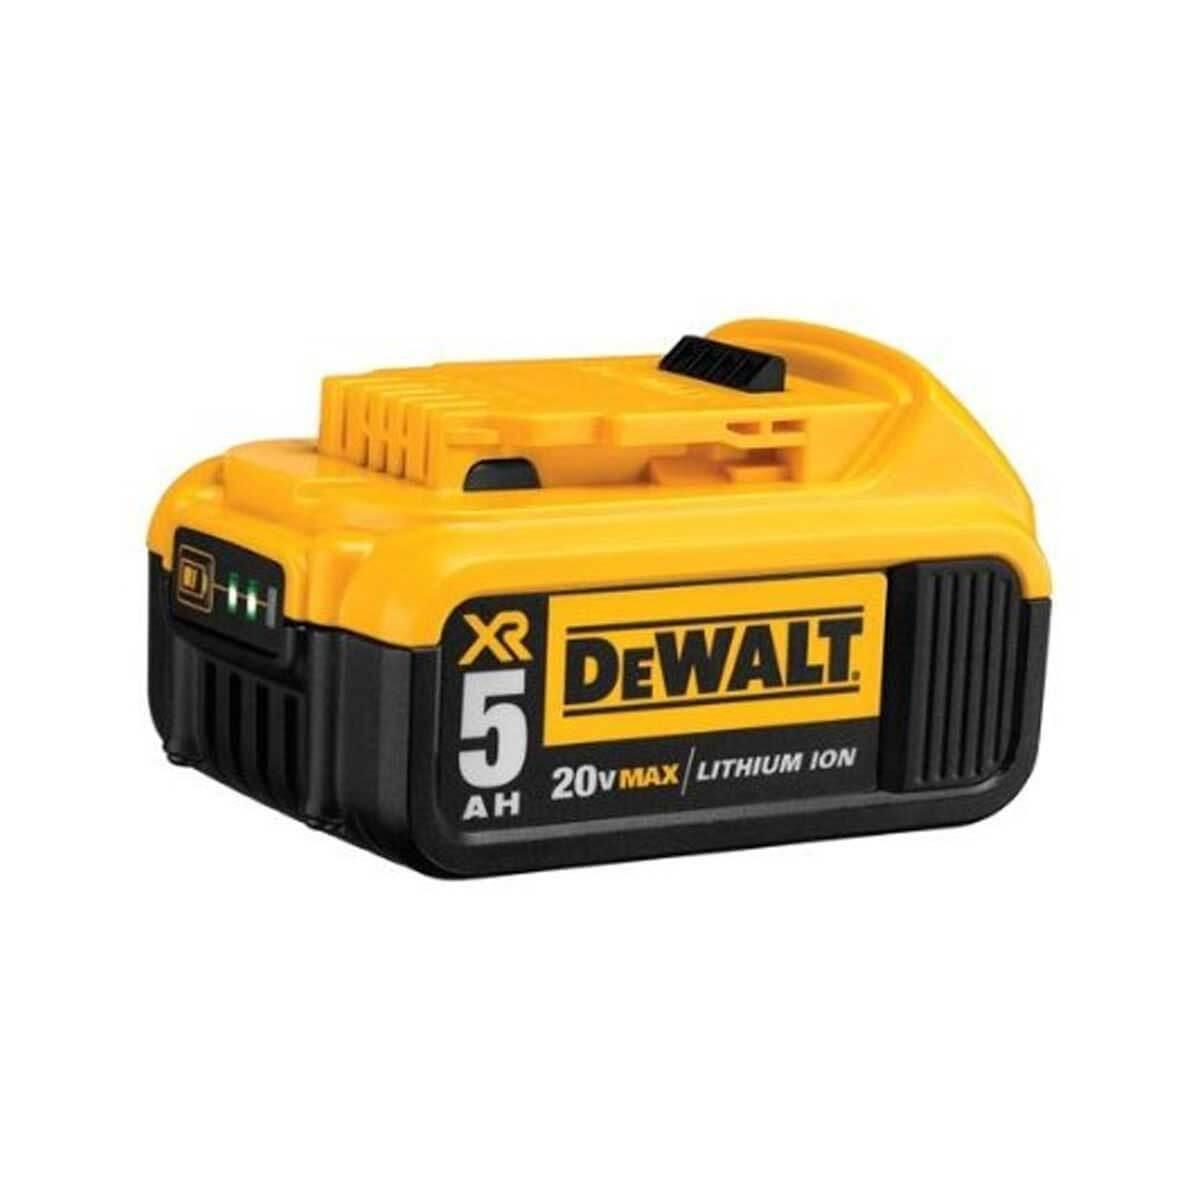 Dewalt 20V MAX XR 5.0Ah Lithium Ion Battery-Pack